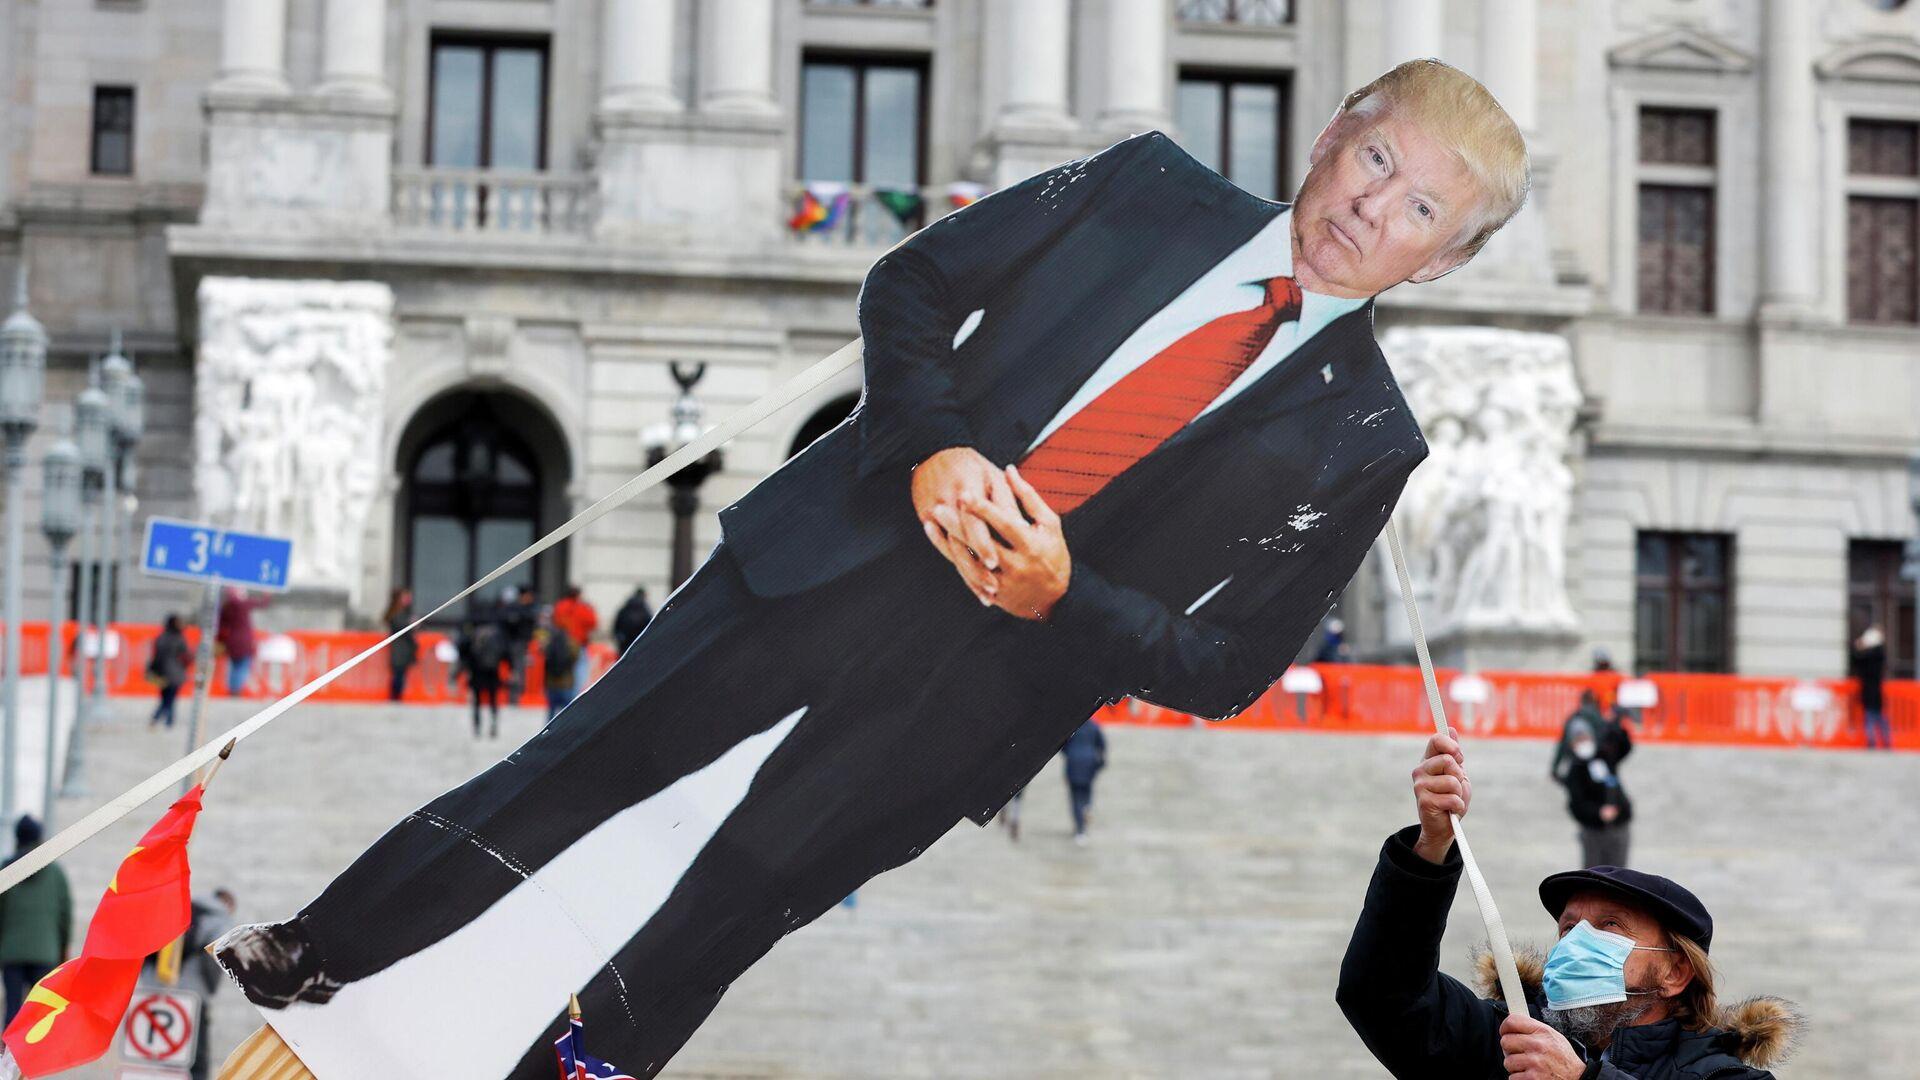 Картонная фигура с изображением президента США Дональда Трампа у Капитолия штата Пенсильвания в Харрисберге - РИА Новости, 1920, 20.01.2021